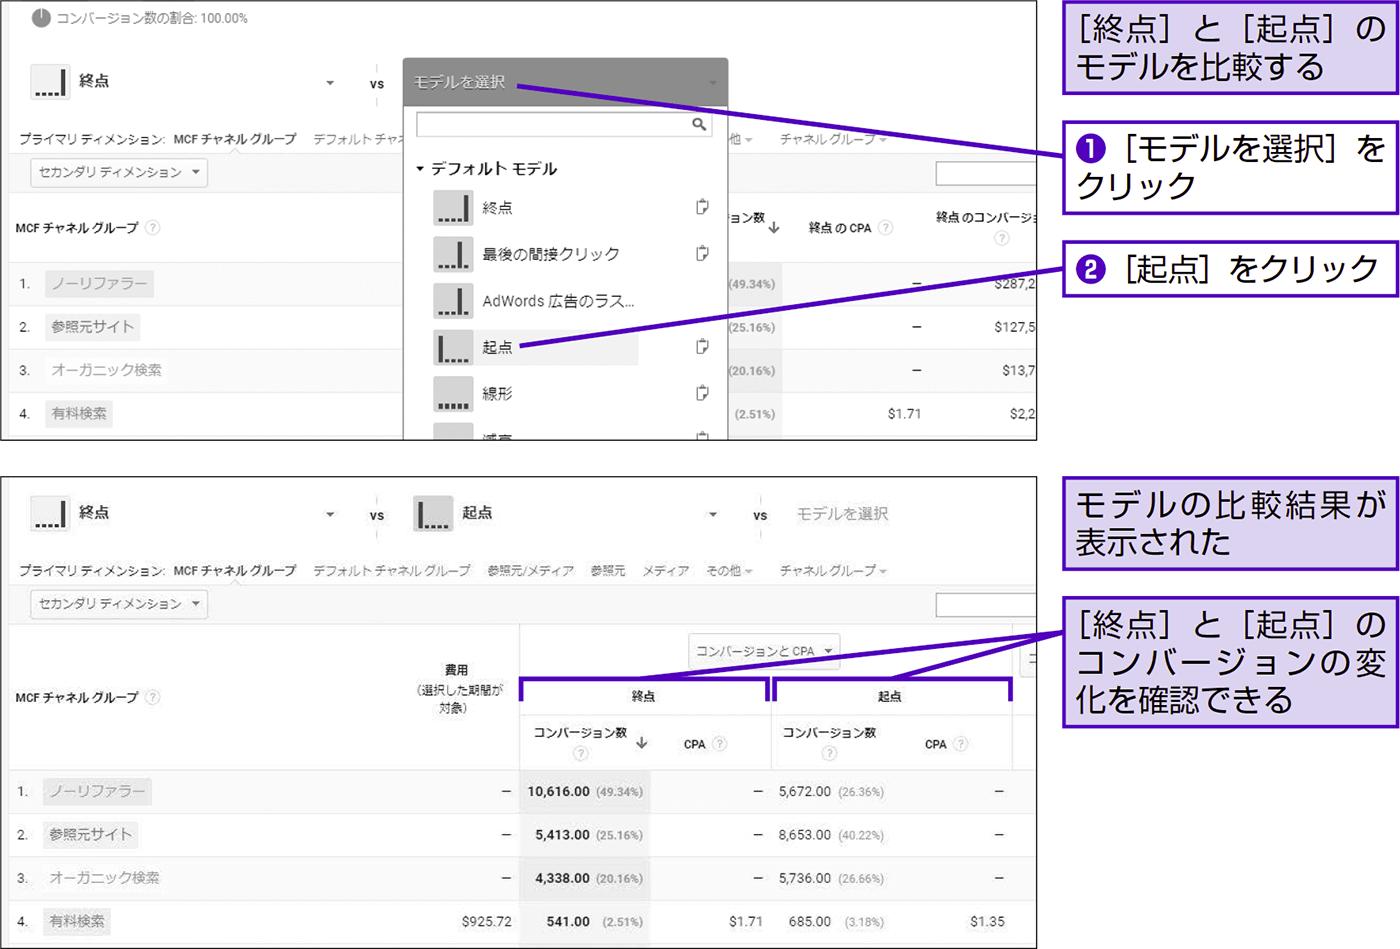 アトリビューションモデルで各チャネルの貢献度を比較する - できる逆引き Googleアナリティクス 増補改訂2版